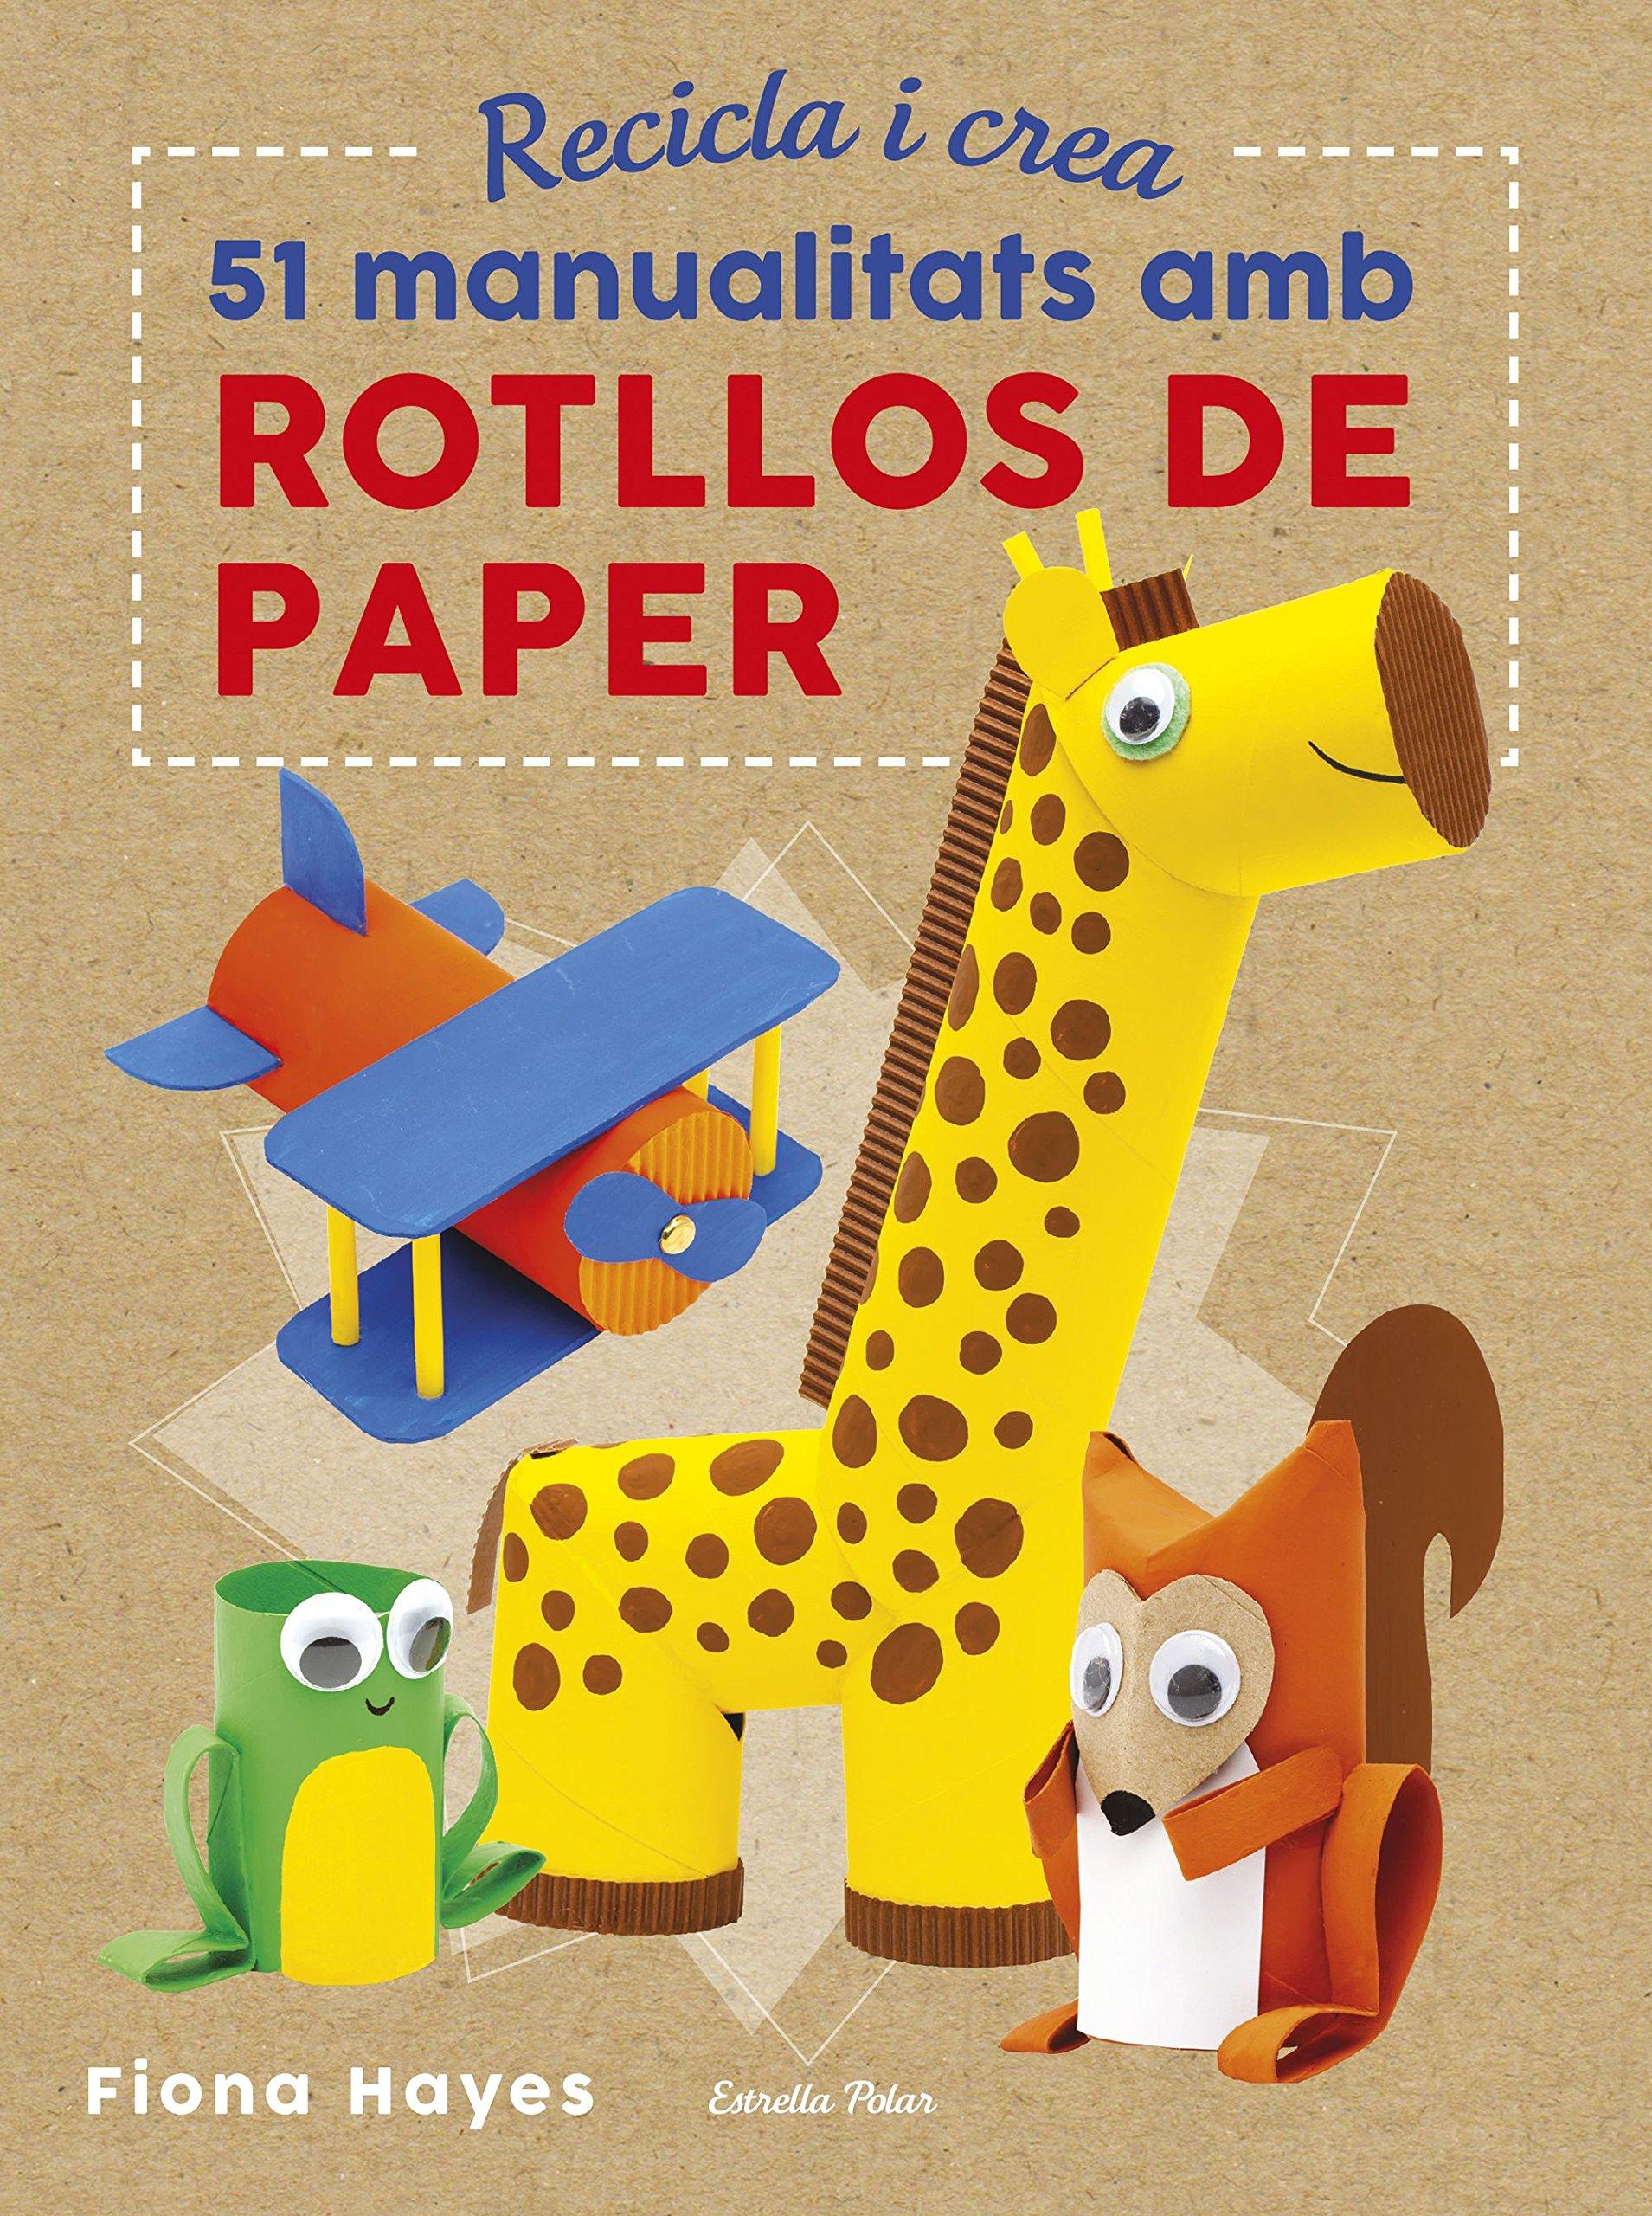 Recicla i crea. 51 manualitats amb rotllos de paper Llibres dentreteniment: Amazon.es: Fiona Hayes, Iscriptat: Libros